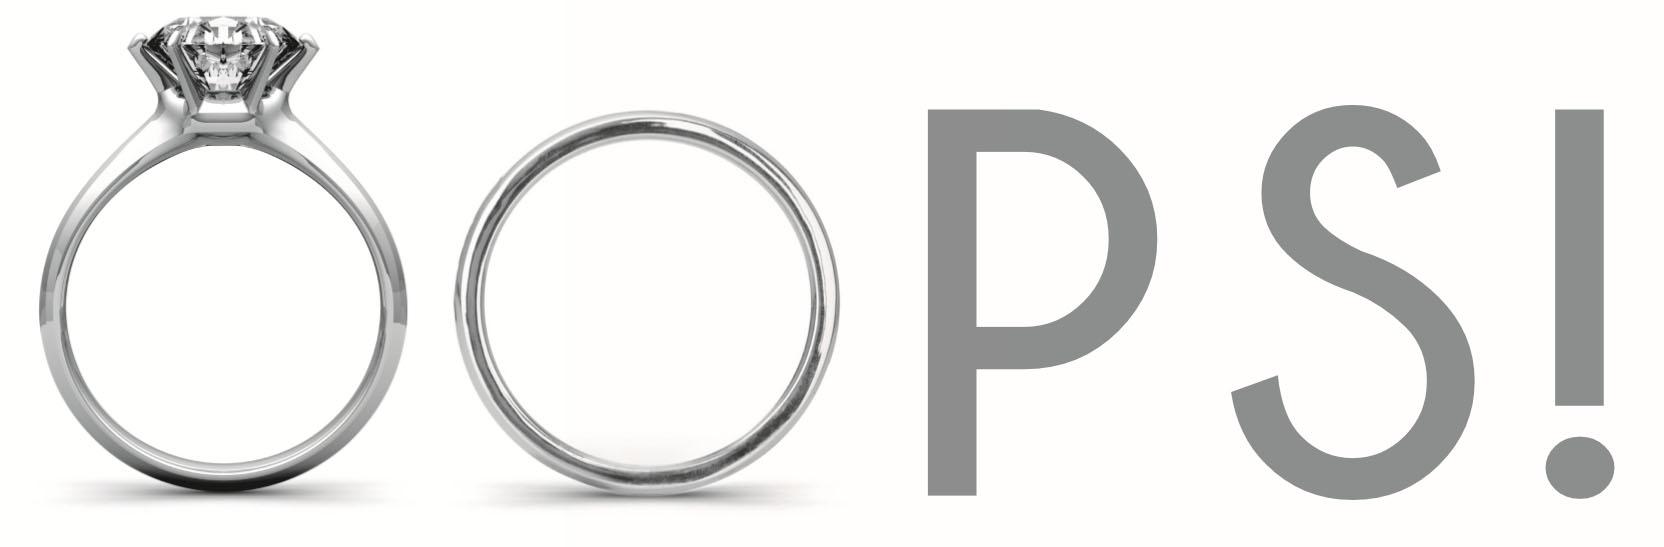 oops rings